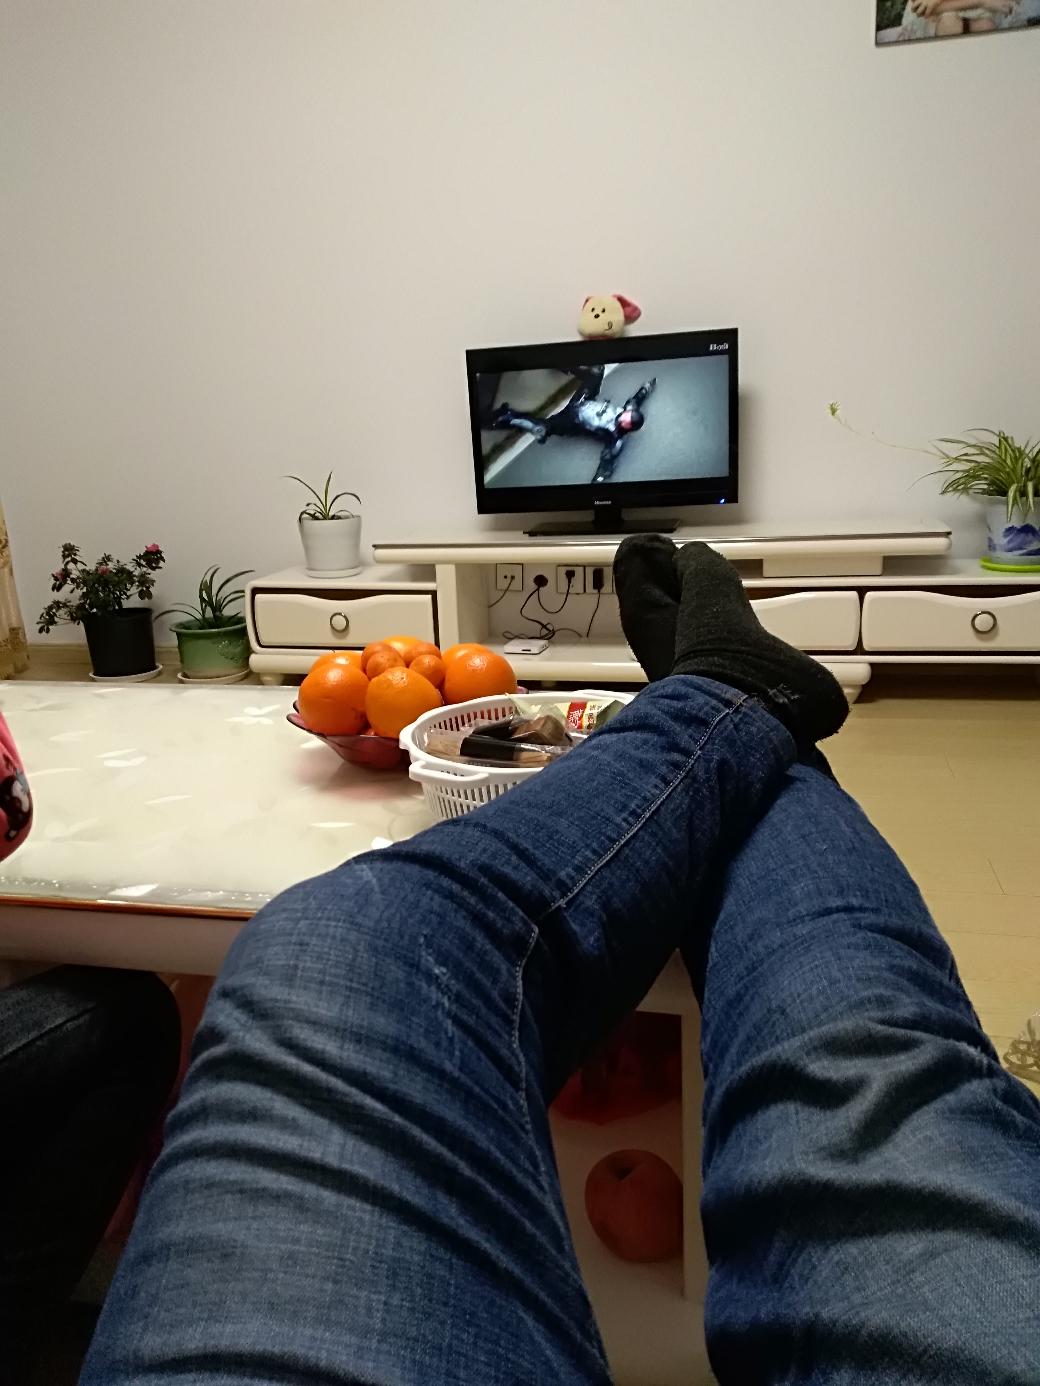 【金鼠打卡第八天】在家看电视